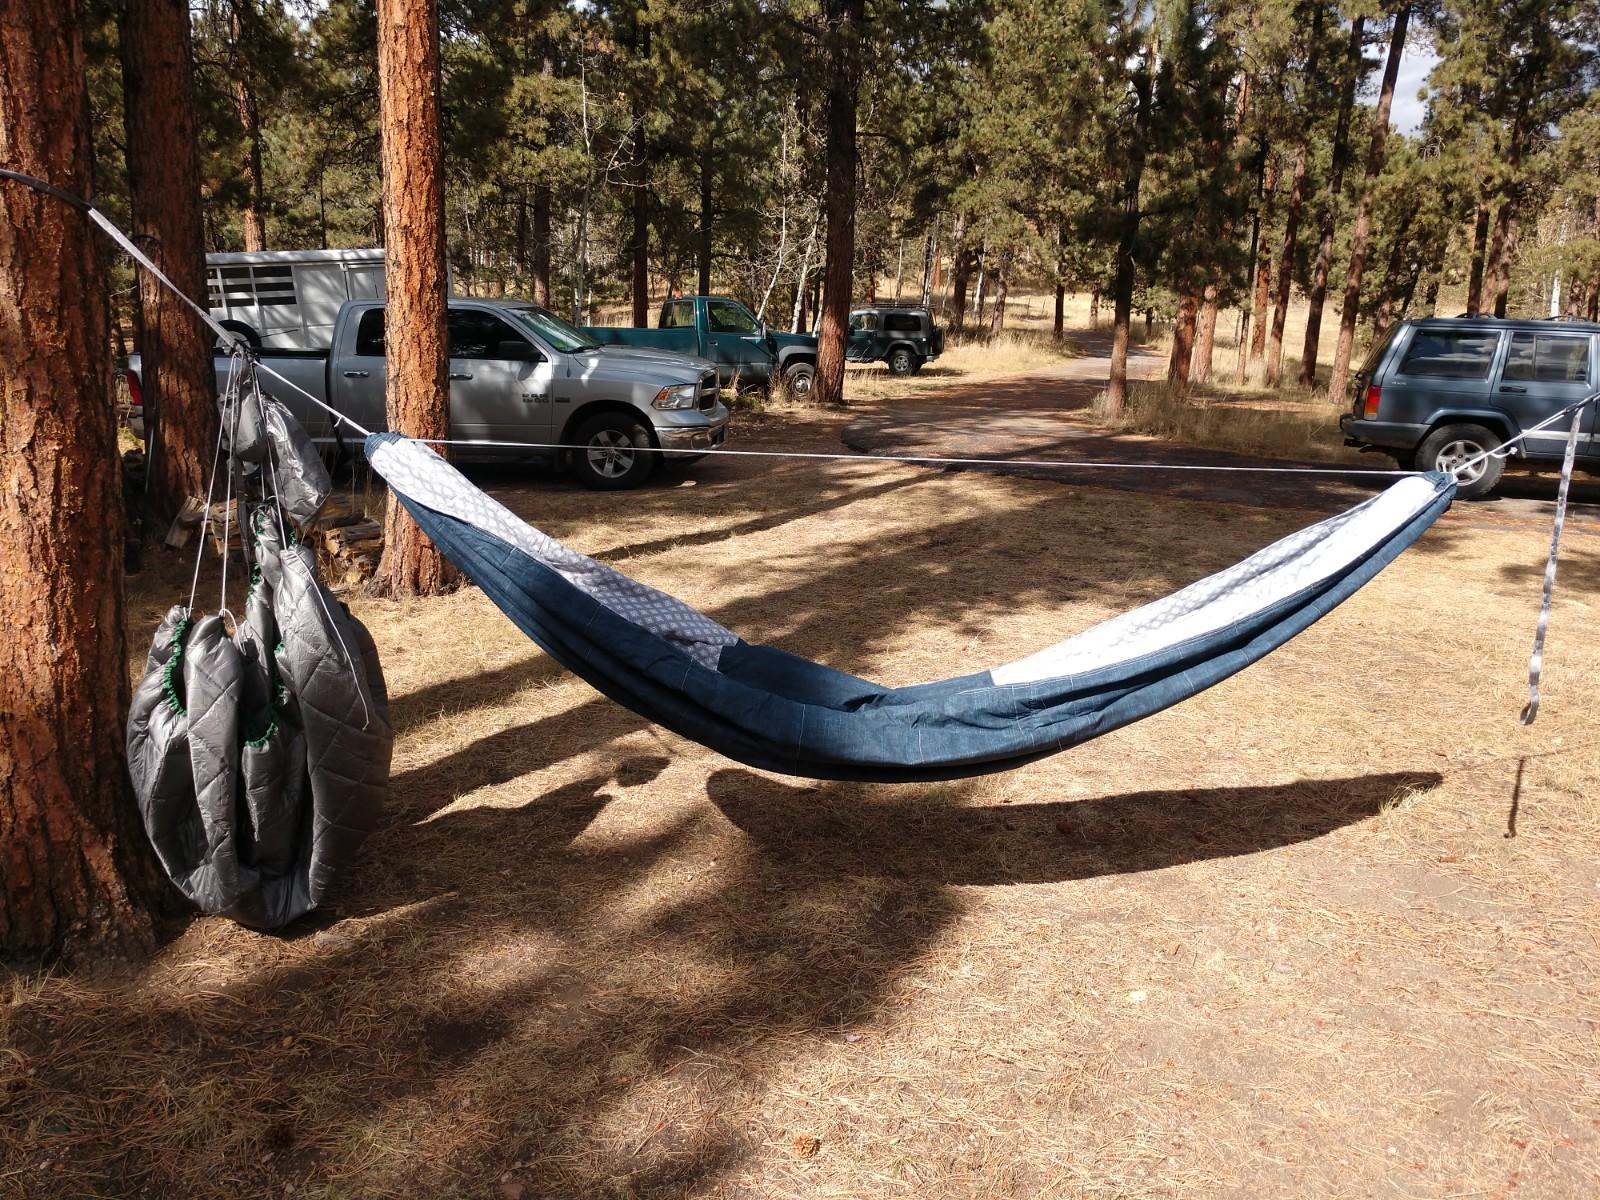 DIY quilted indoor hammock